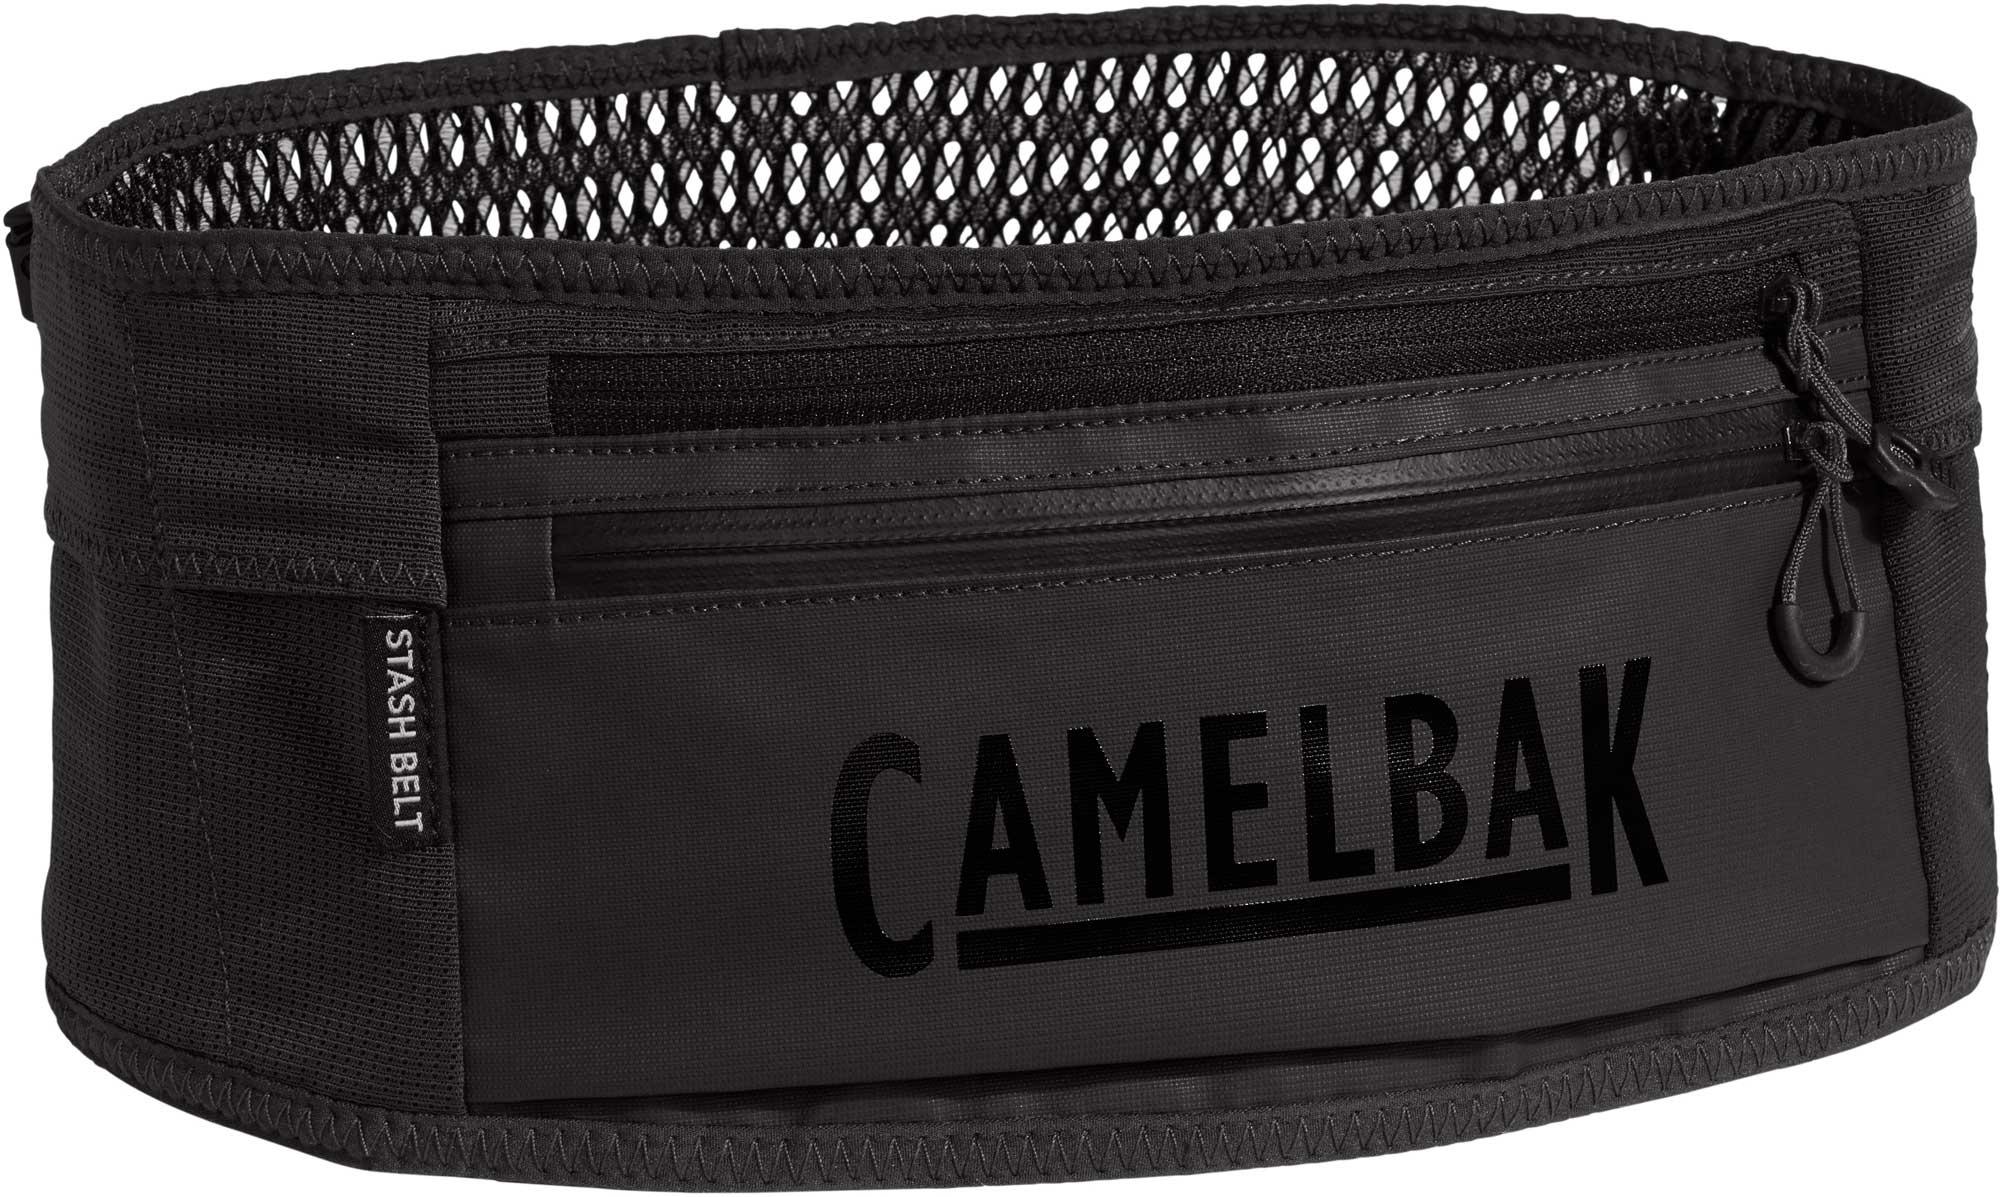 Camelbak Camelback Stash Belt